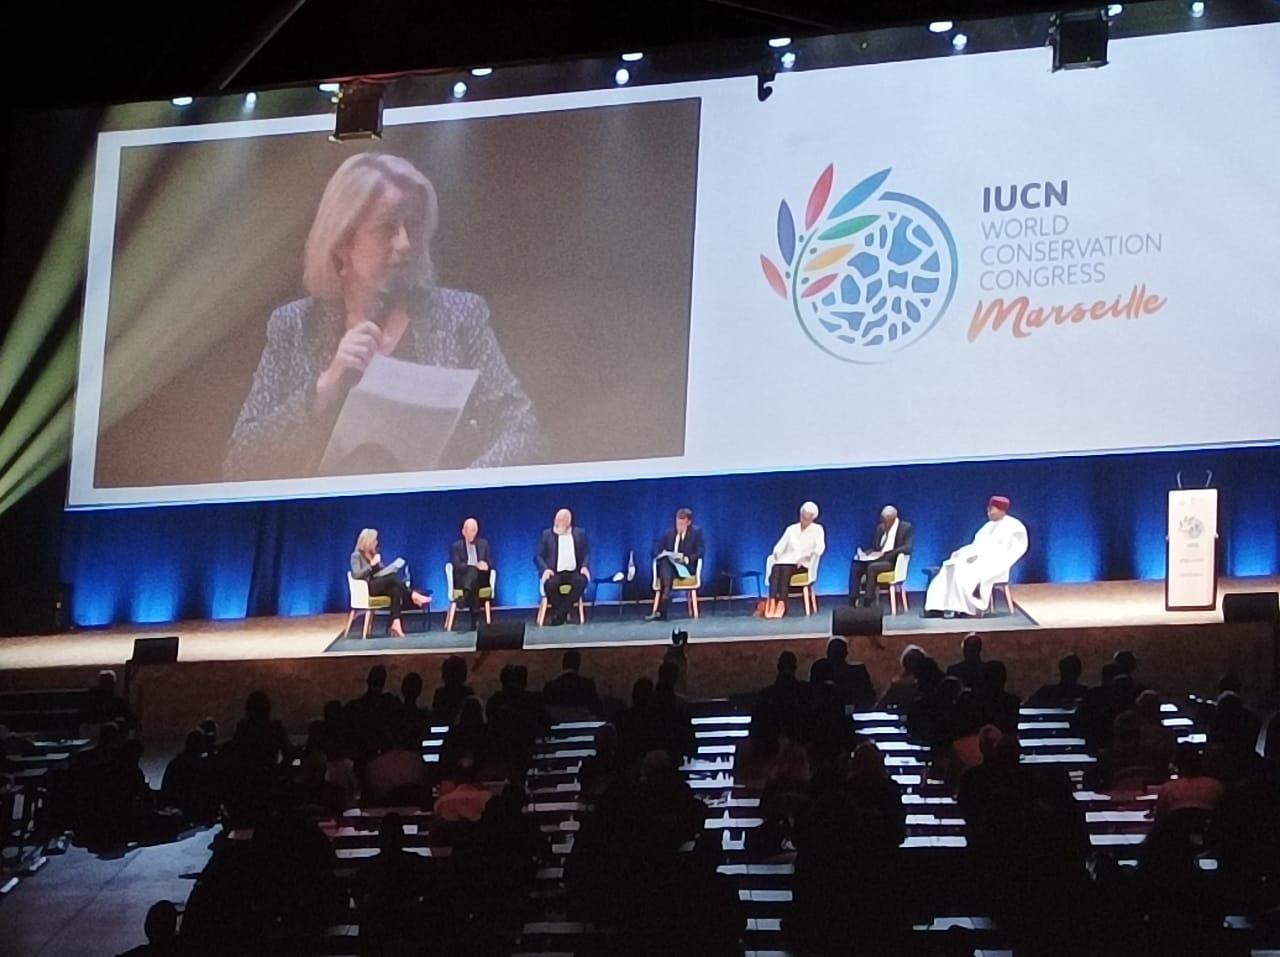 Brazil Matters: Carta do Comitê Brasileiro é entregue aos candidatos durante Congresso Mundial da IUCN